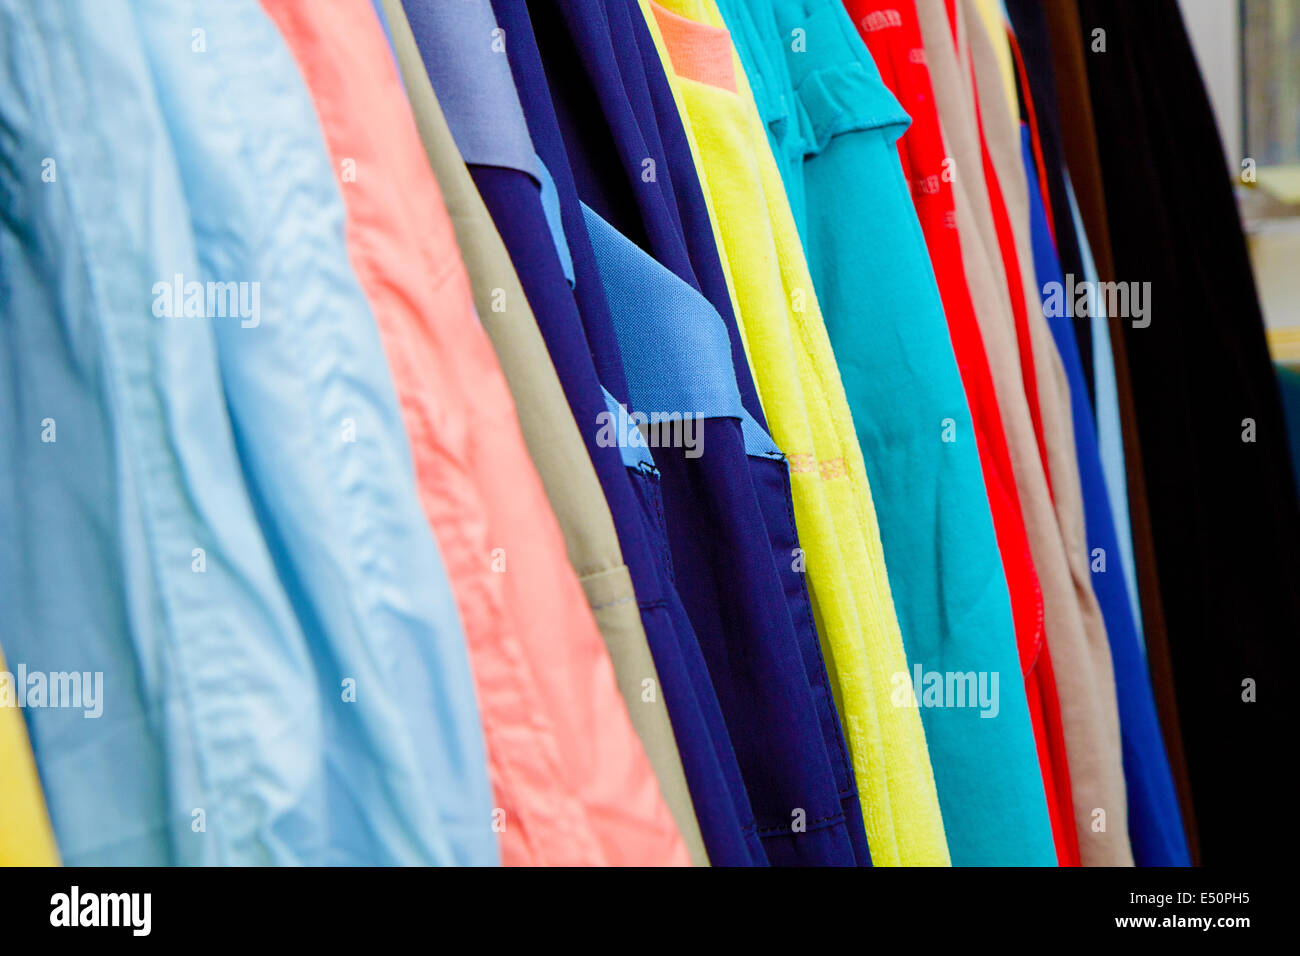 Prendas de vestir para niños en la tienda Imagen De Stock